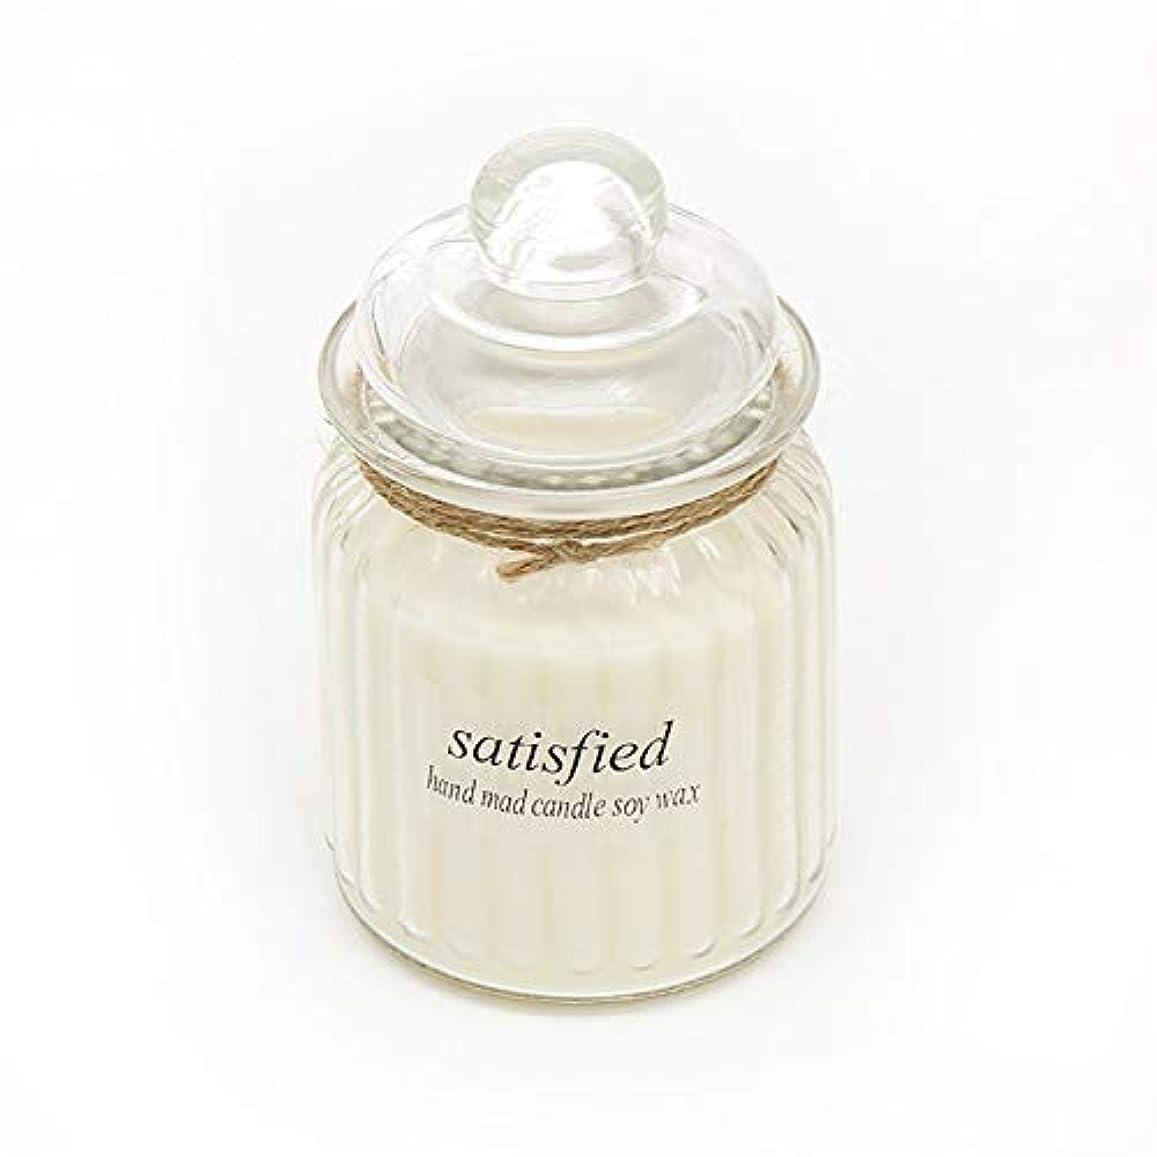 無駄だ上院ダイバーZtian ガラスアロマセラピーガラス無毒環境にやさしい用品キャンドル長持ちする香り (色 : Mint)